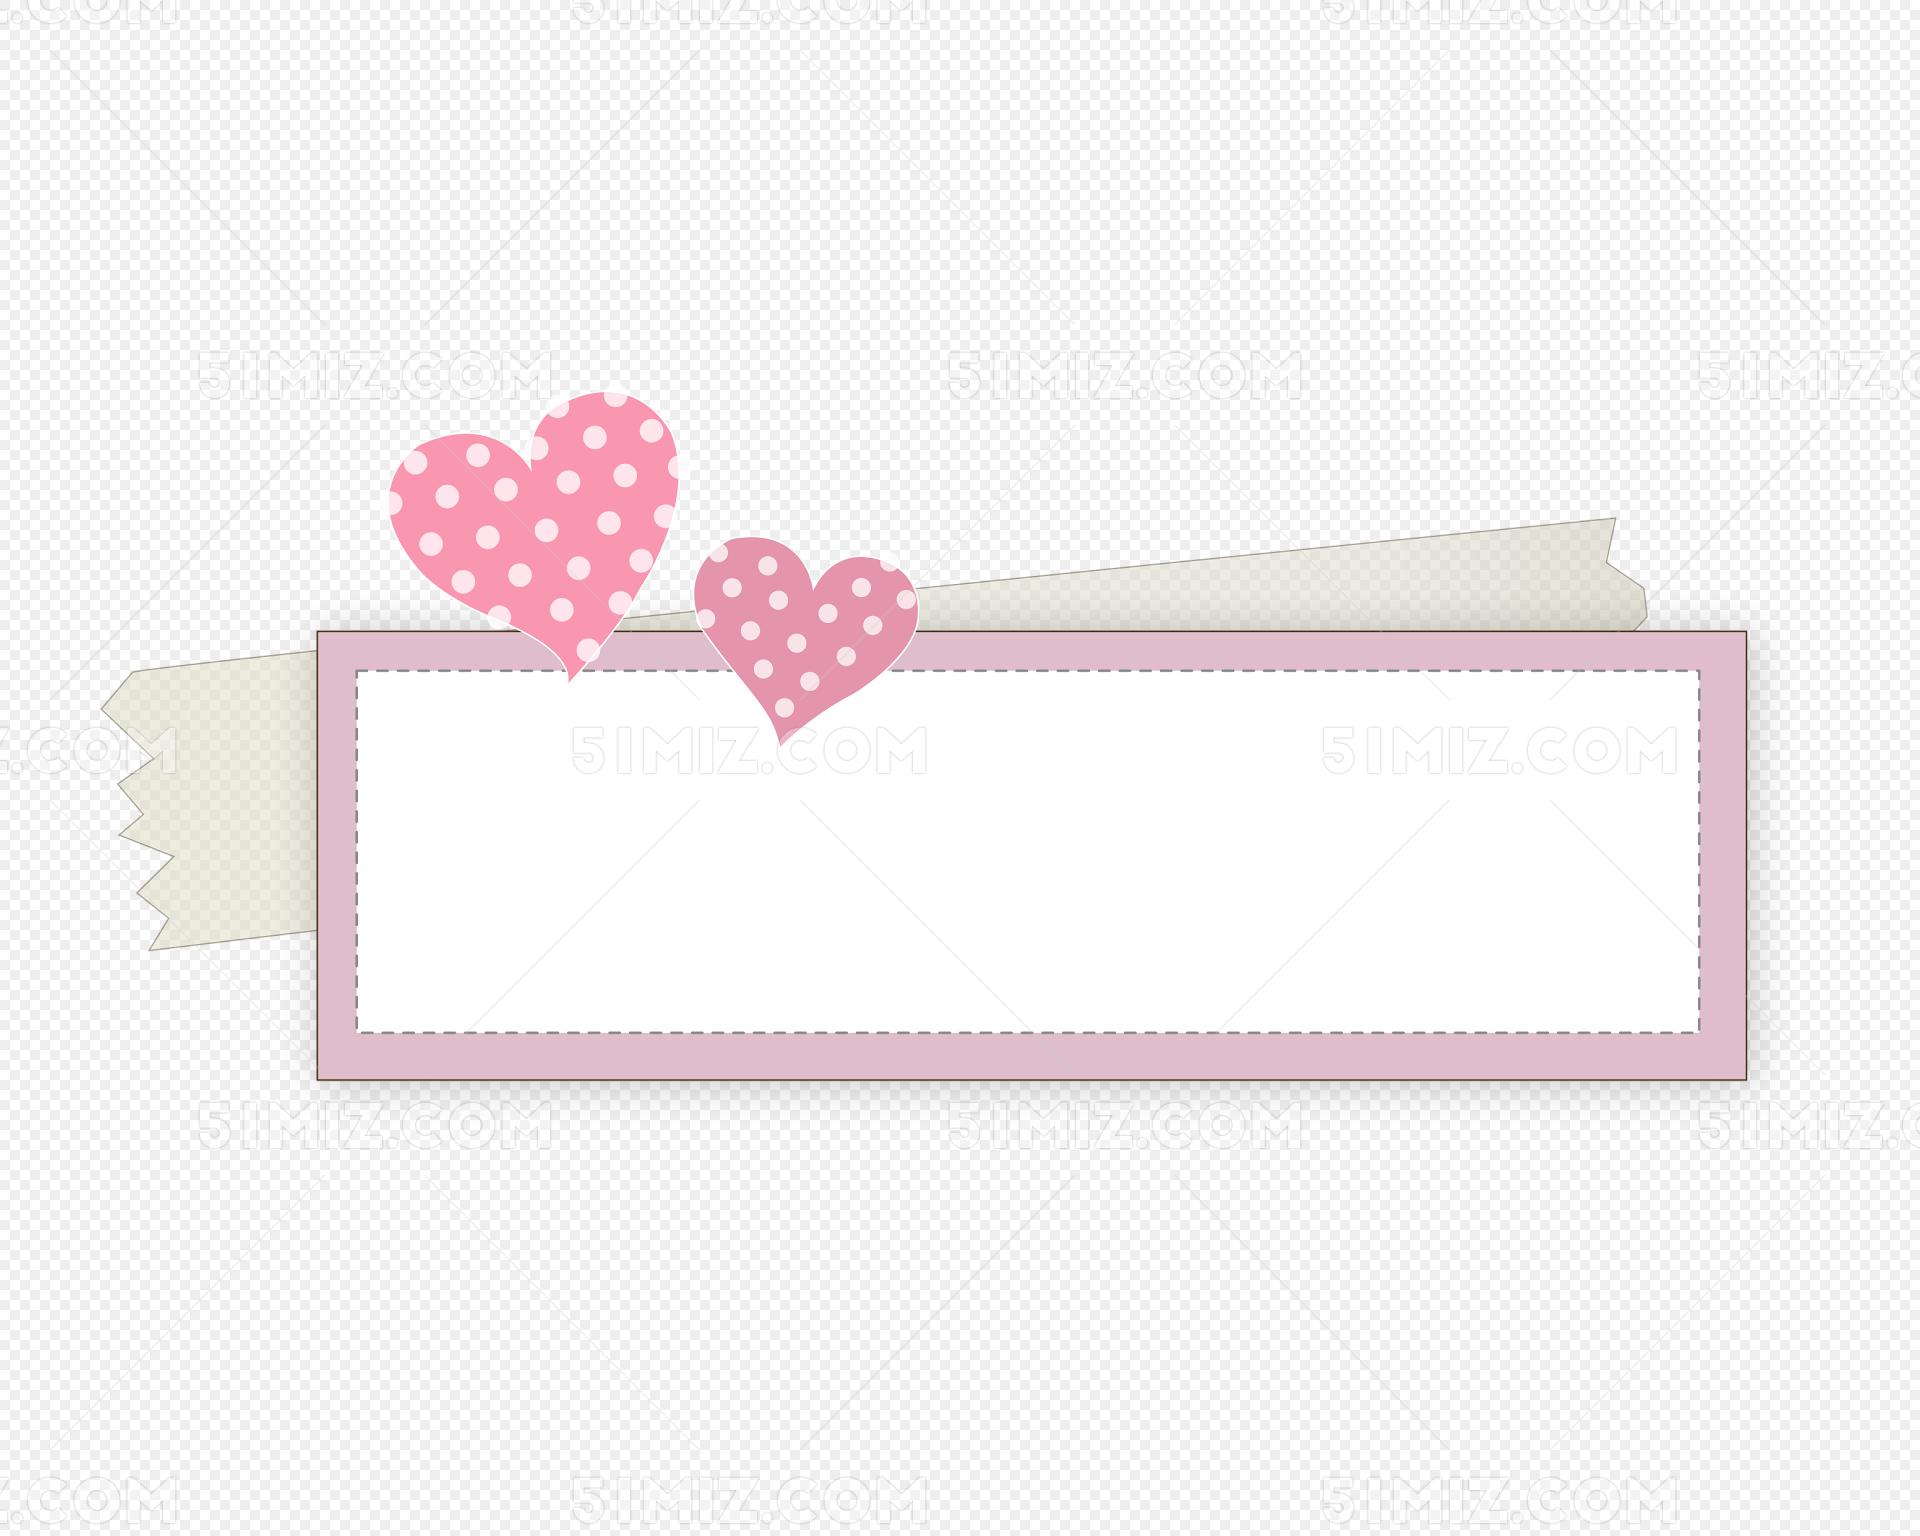 爱心心形边框爱心标题框花边素材